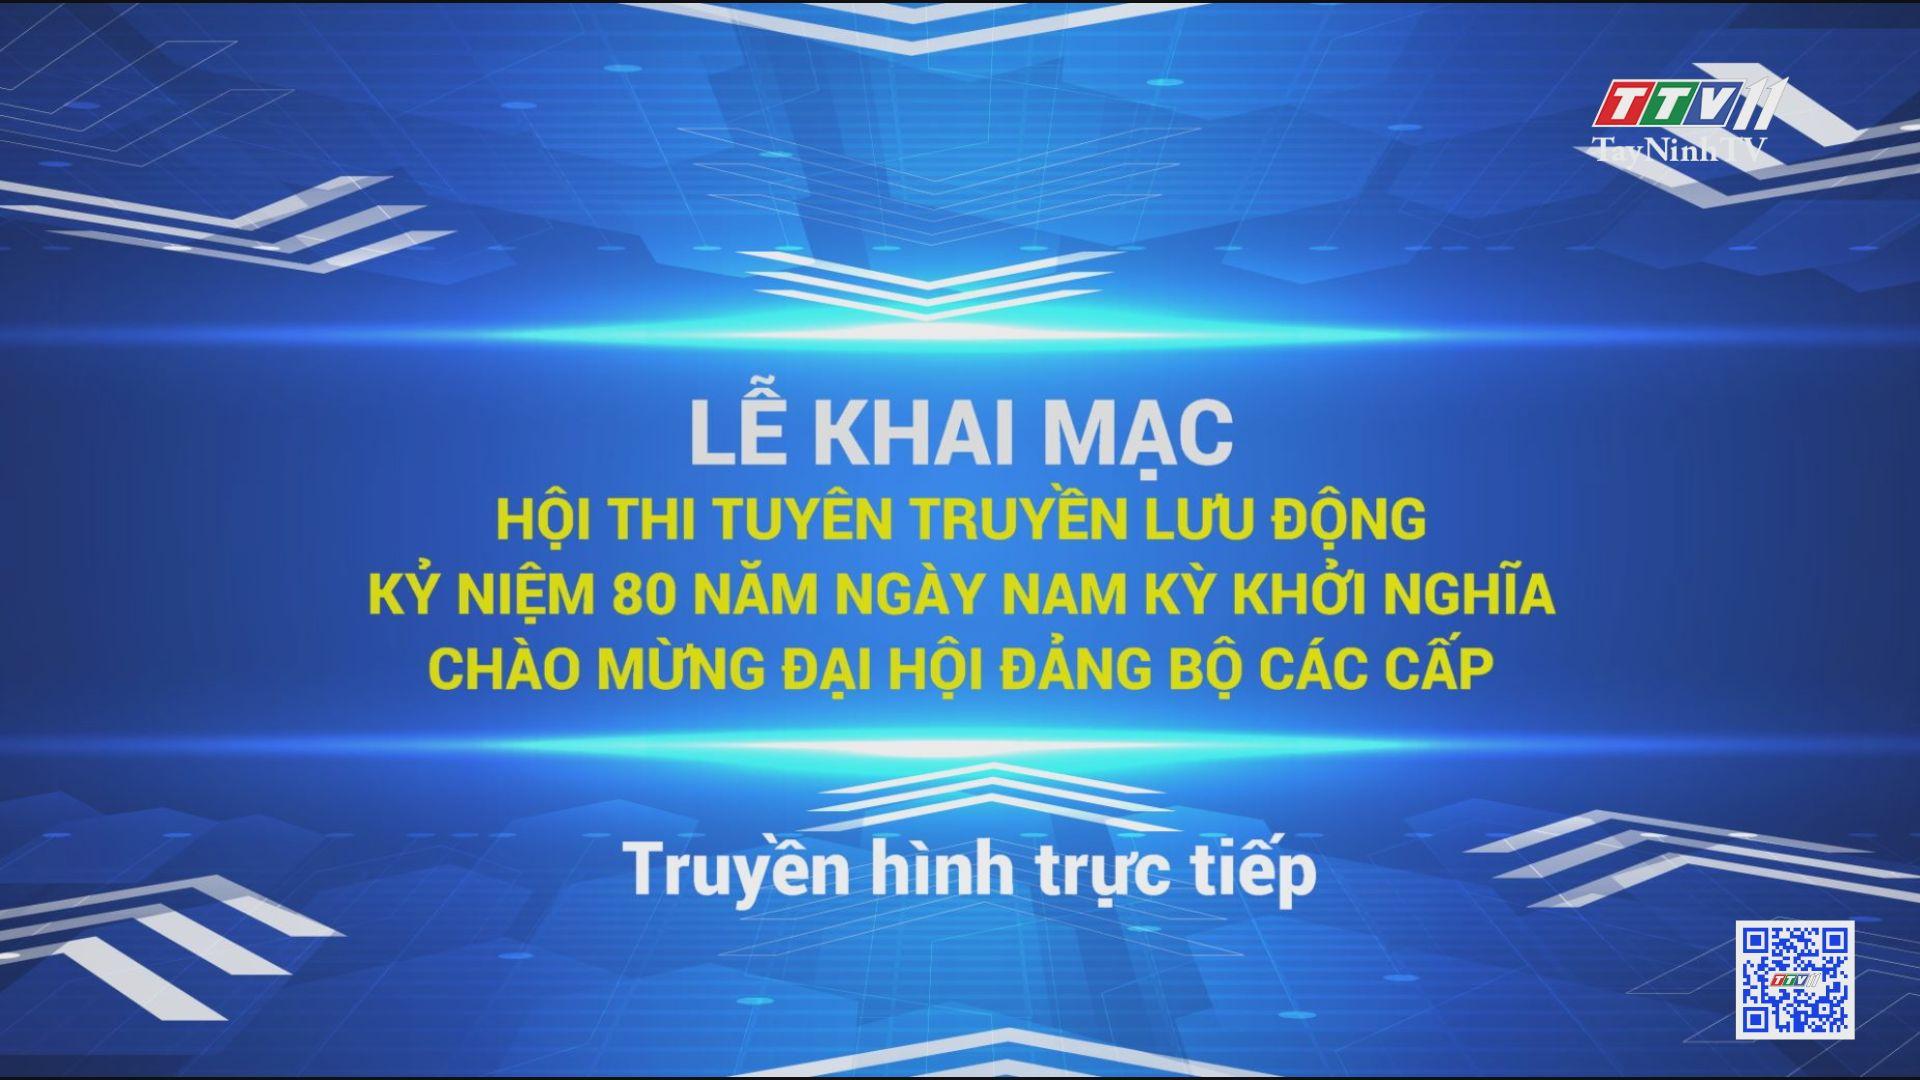 LỄ KHAI MẠC-Hội thi tuyên truyền lưu động kỷ niệm 80 năm ngày Nam Kỳ Khởi Nghĩa chào mừng Đại hội Đảng bộ các cấp | TayNinhTV